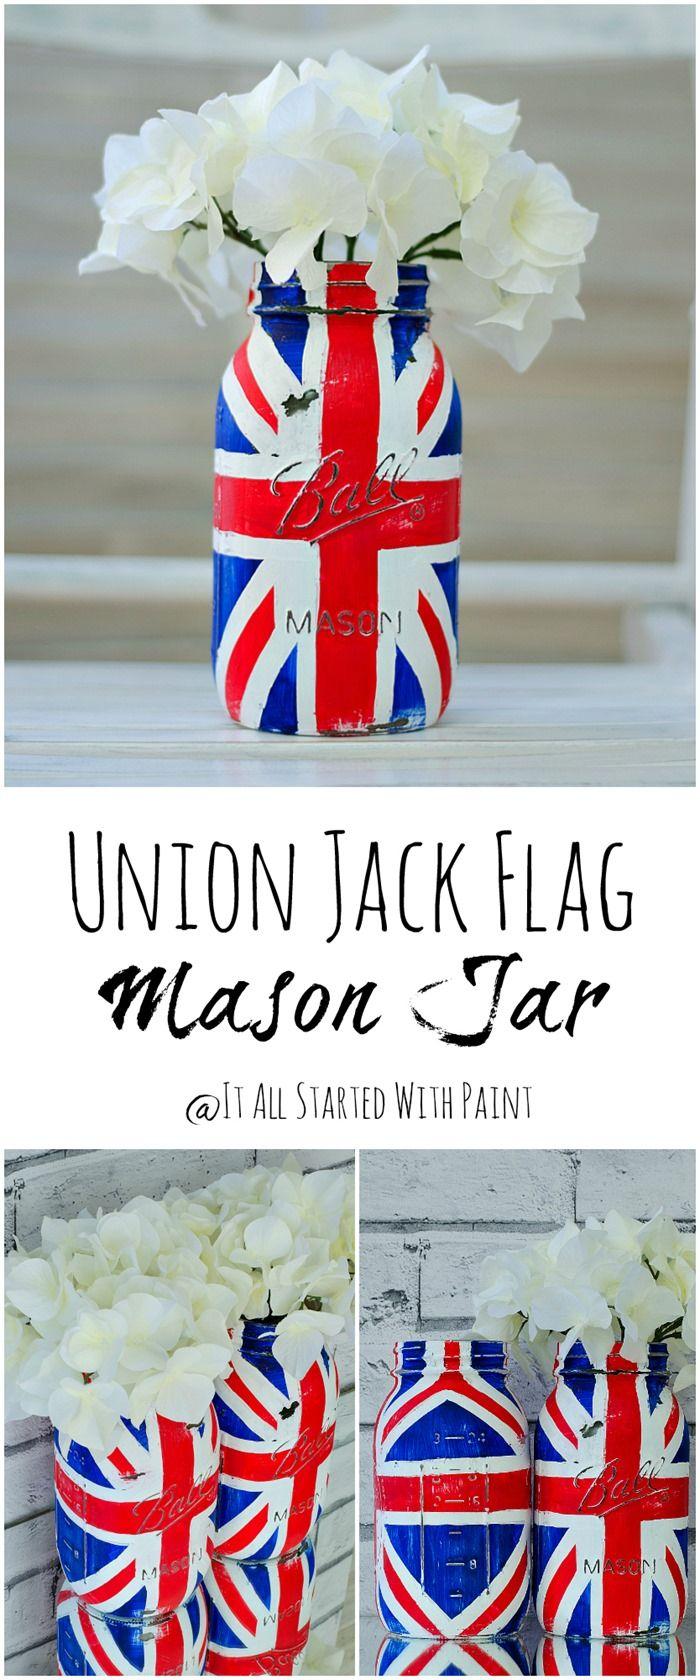 Union Jack Flag Mason Jar tutorial.